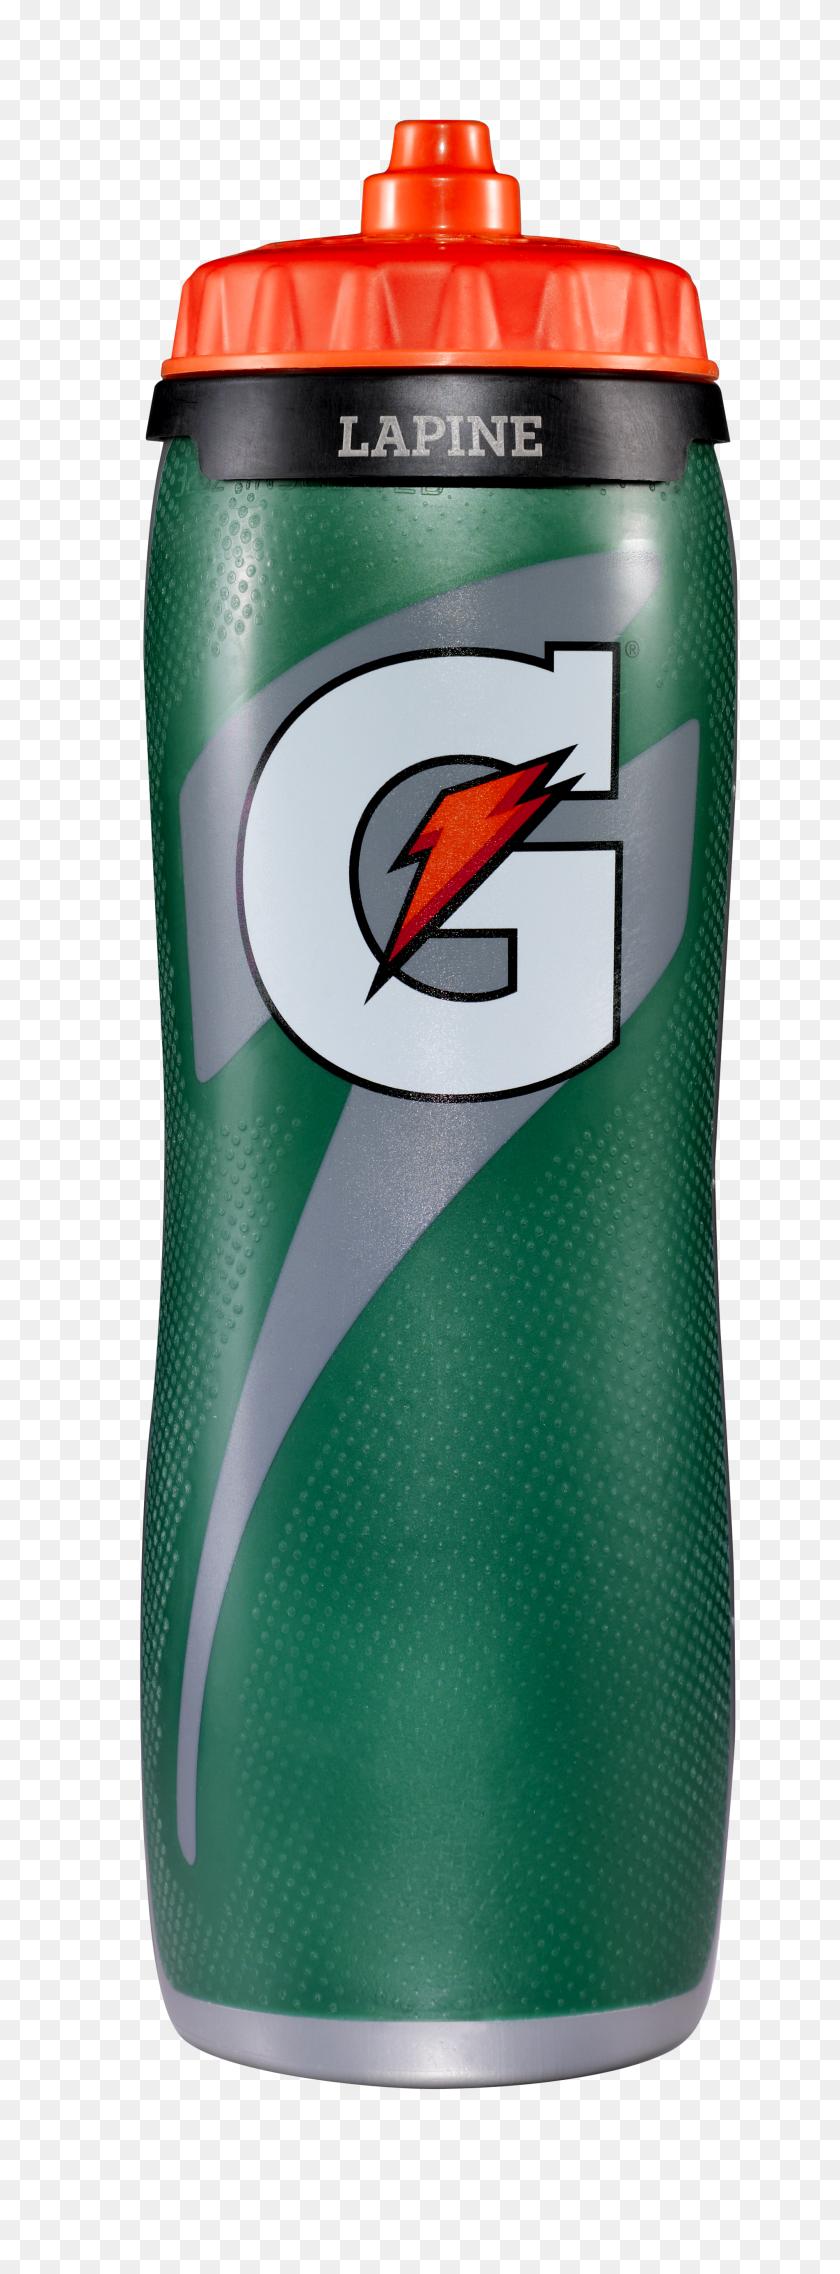 Gatorade Pulls Genius Out Of The Bottle - Gatorade Bottle PNG